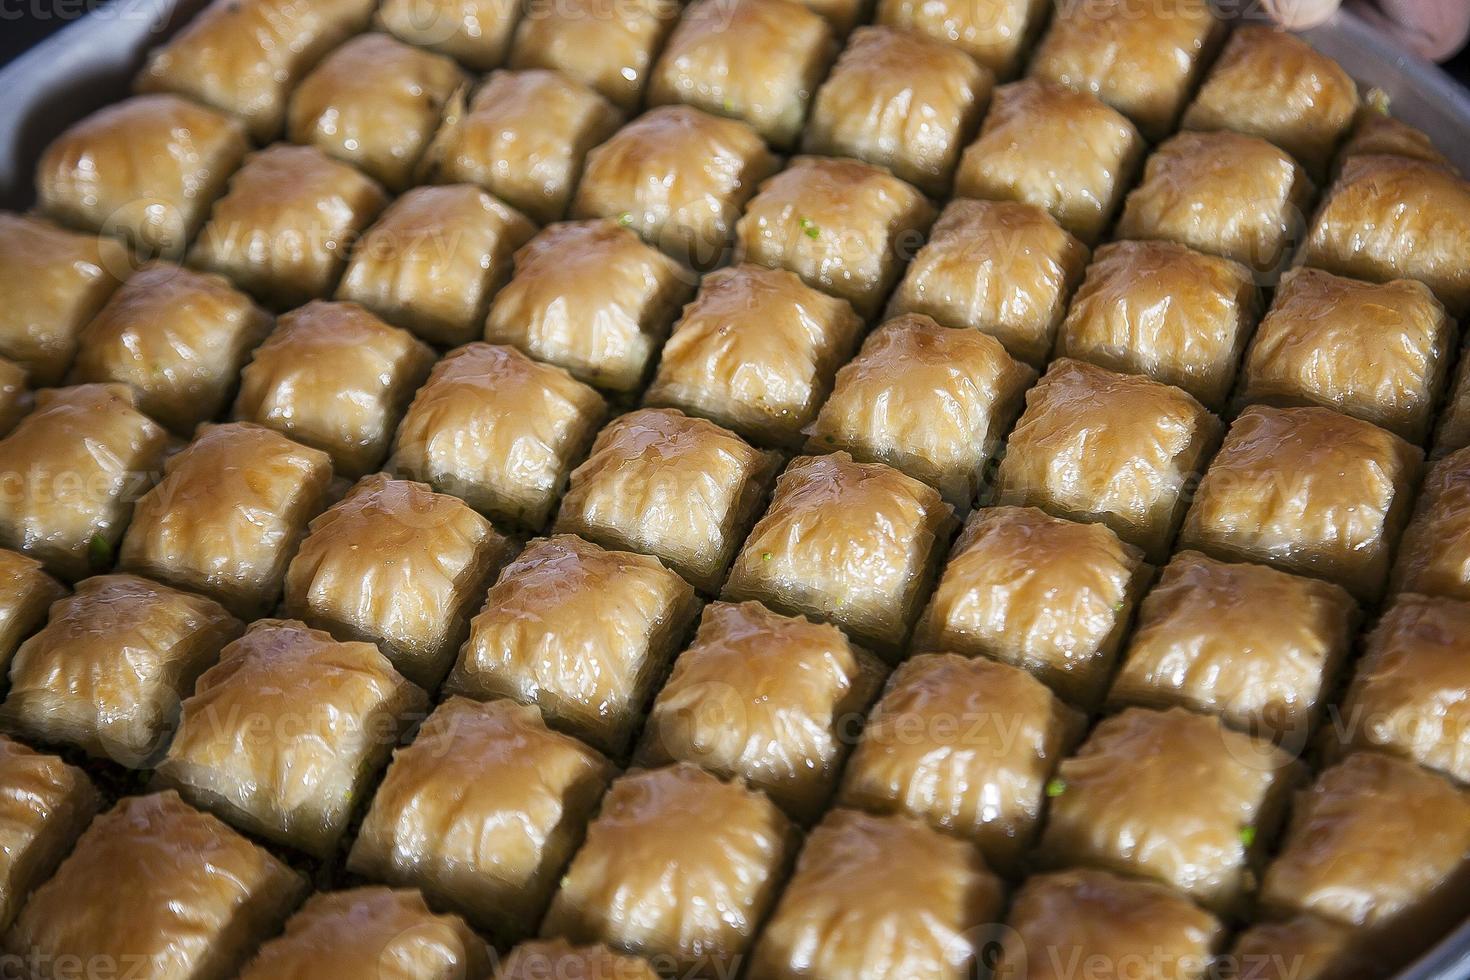 baklava, dessert turco a base di pasta sottile, noci e miele foto